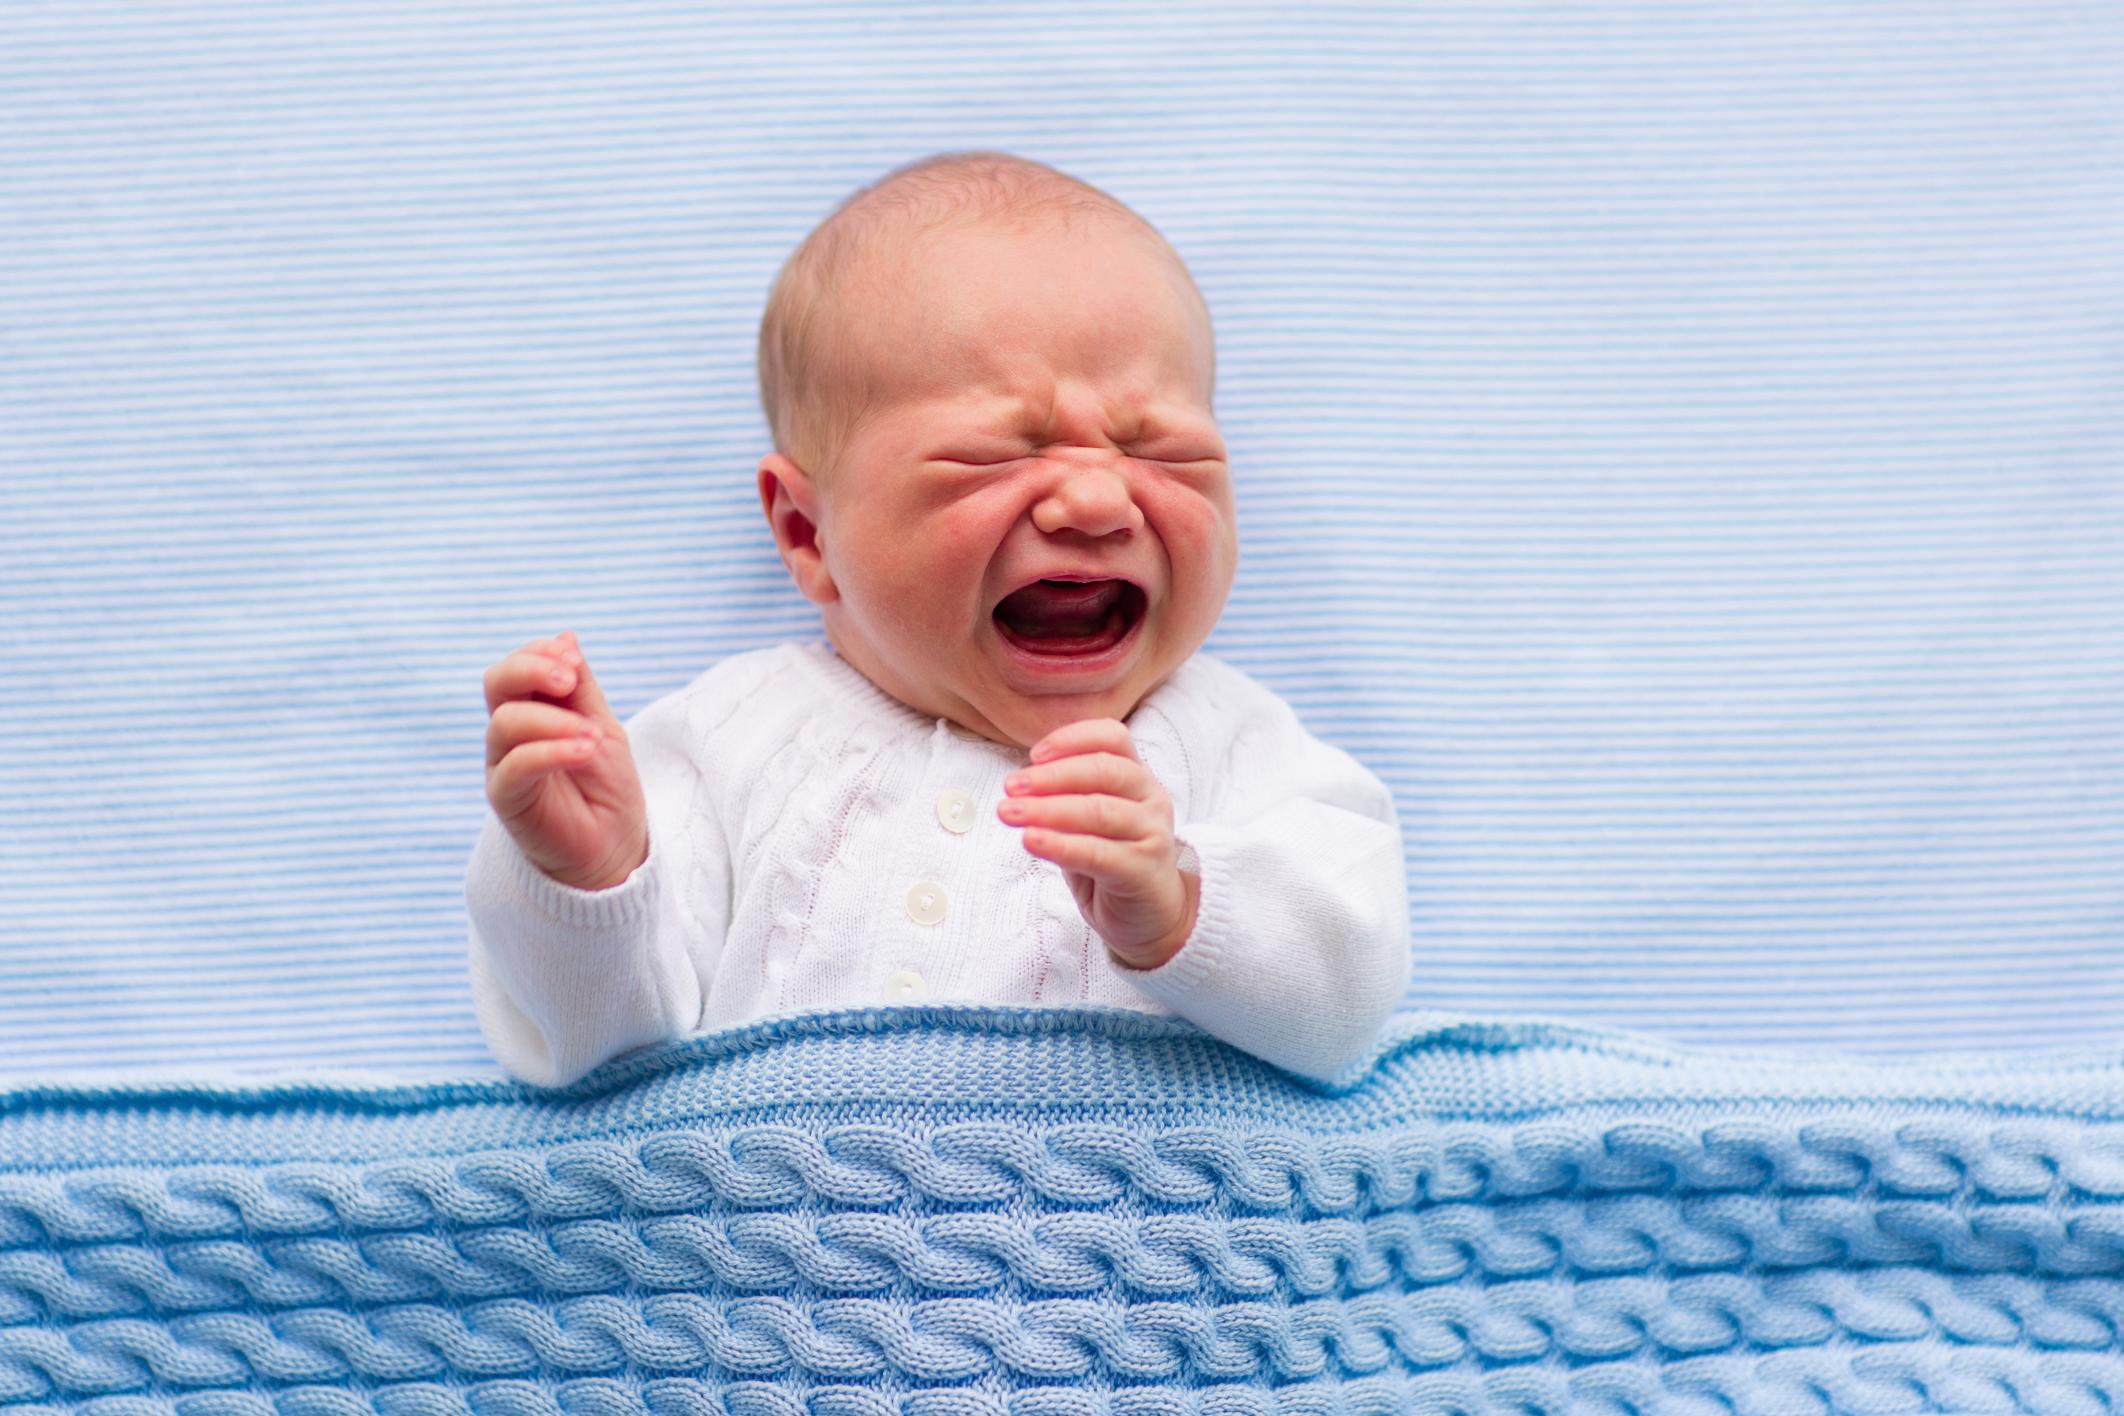 Can a Newborn Get a Cold? | LIVESTRONG.COM